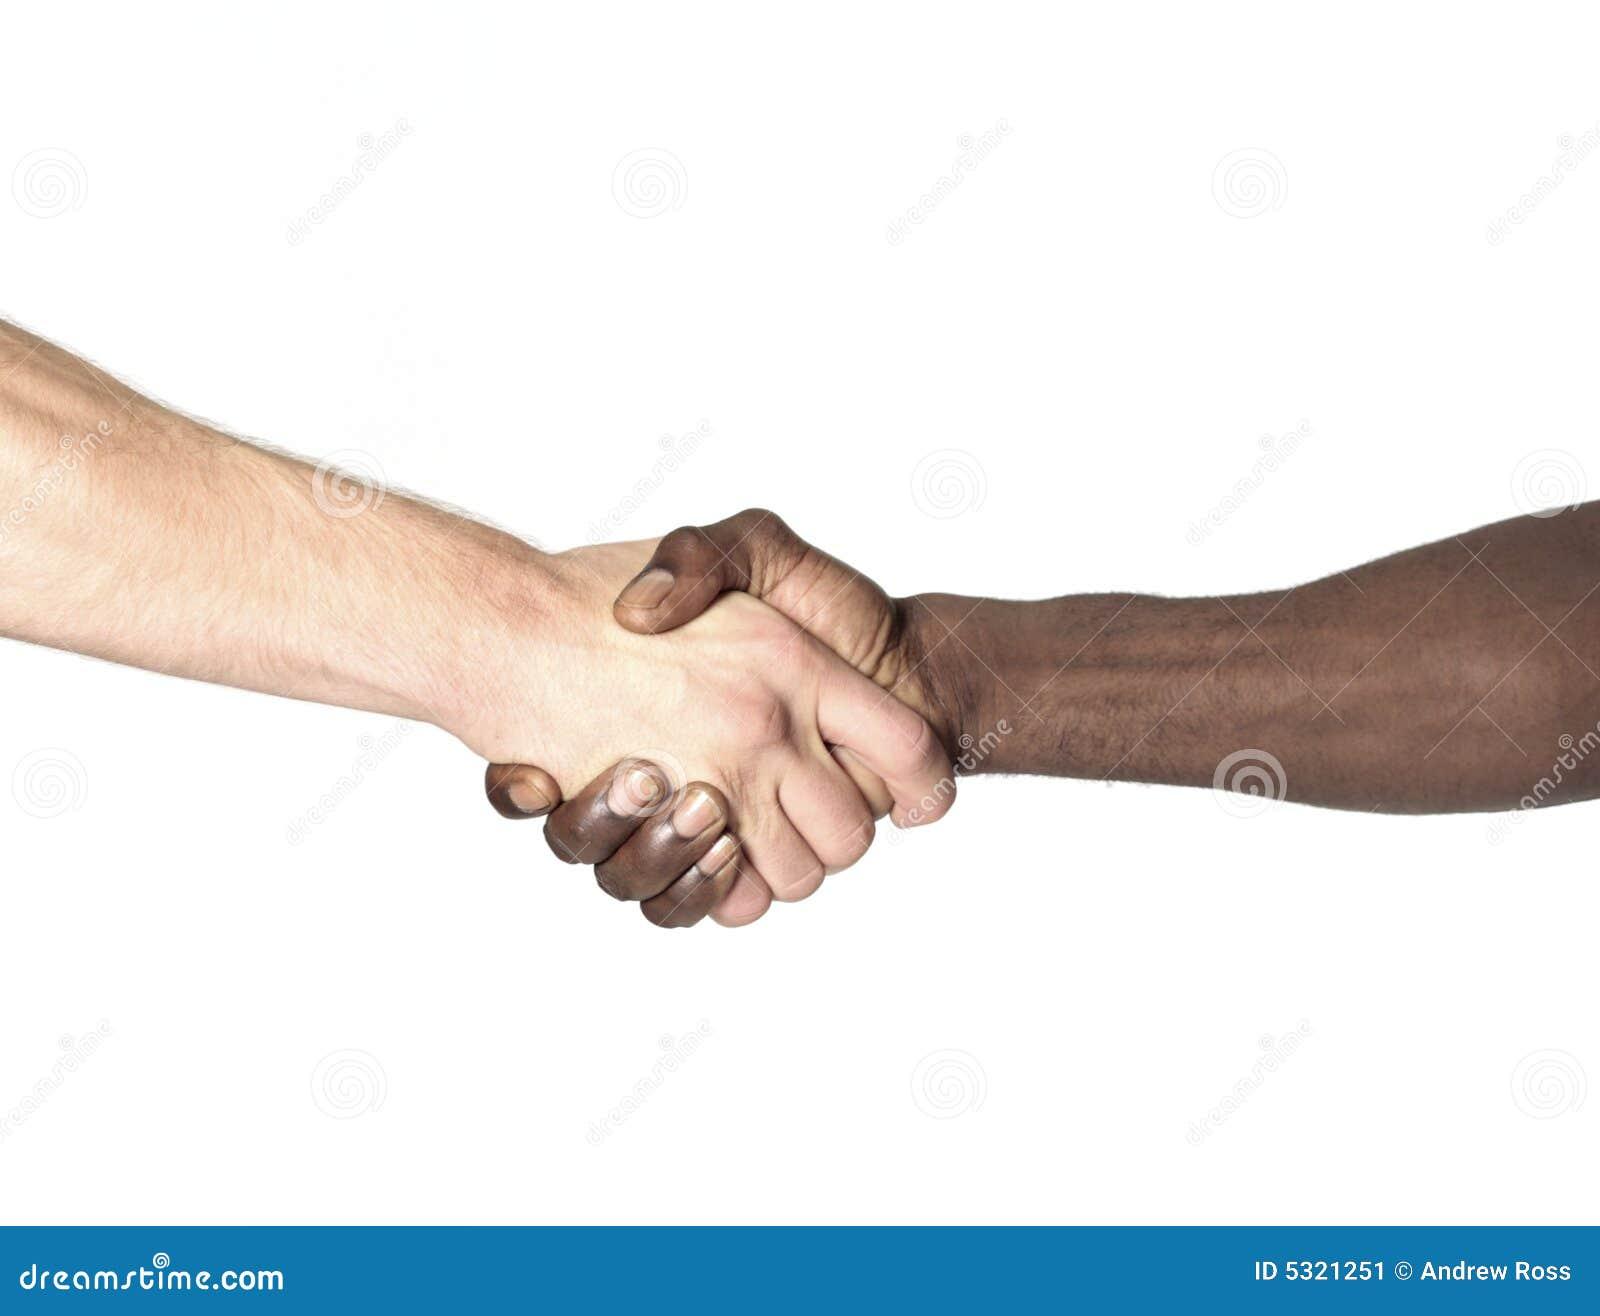 Download Amicizia immagine stock. Immagine di bianco, togetherness - 5321251